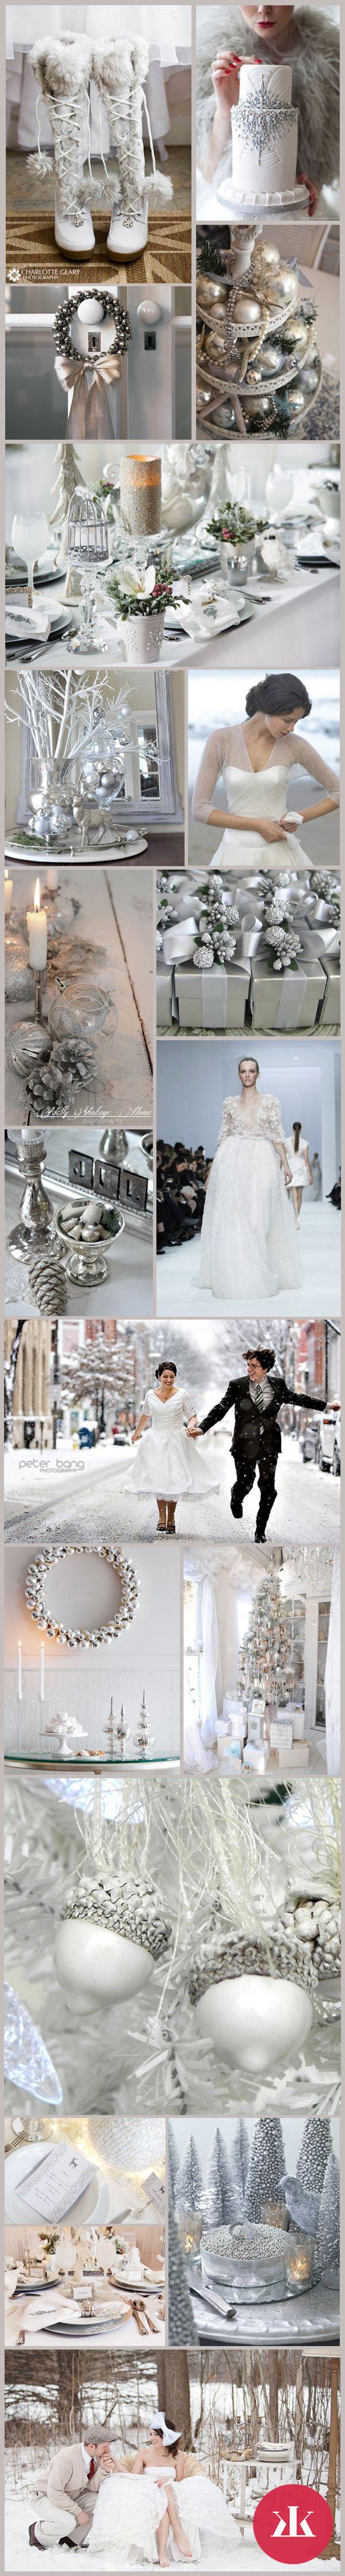 f53a8c18e7bf Zimná svadba - výzdoba